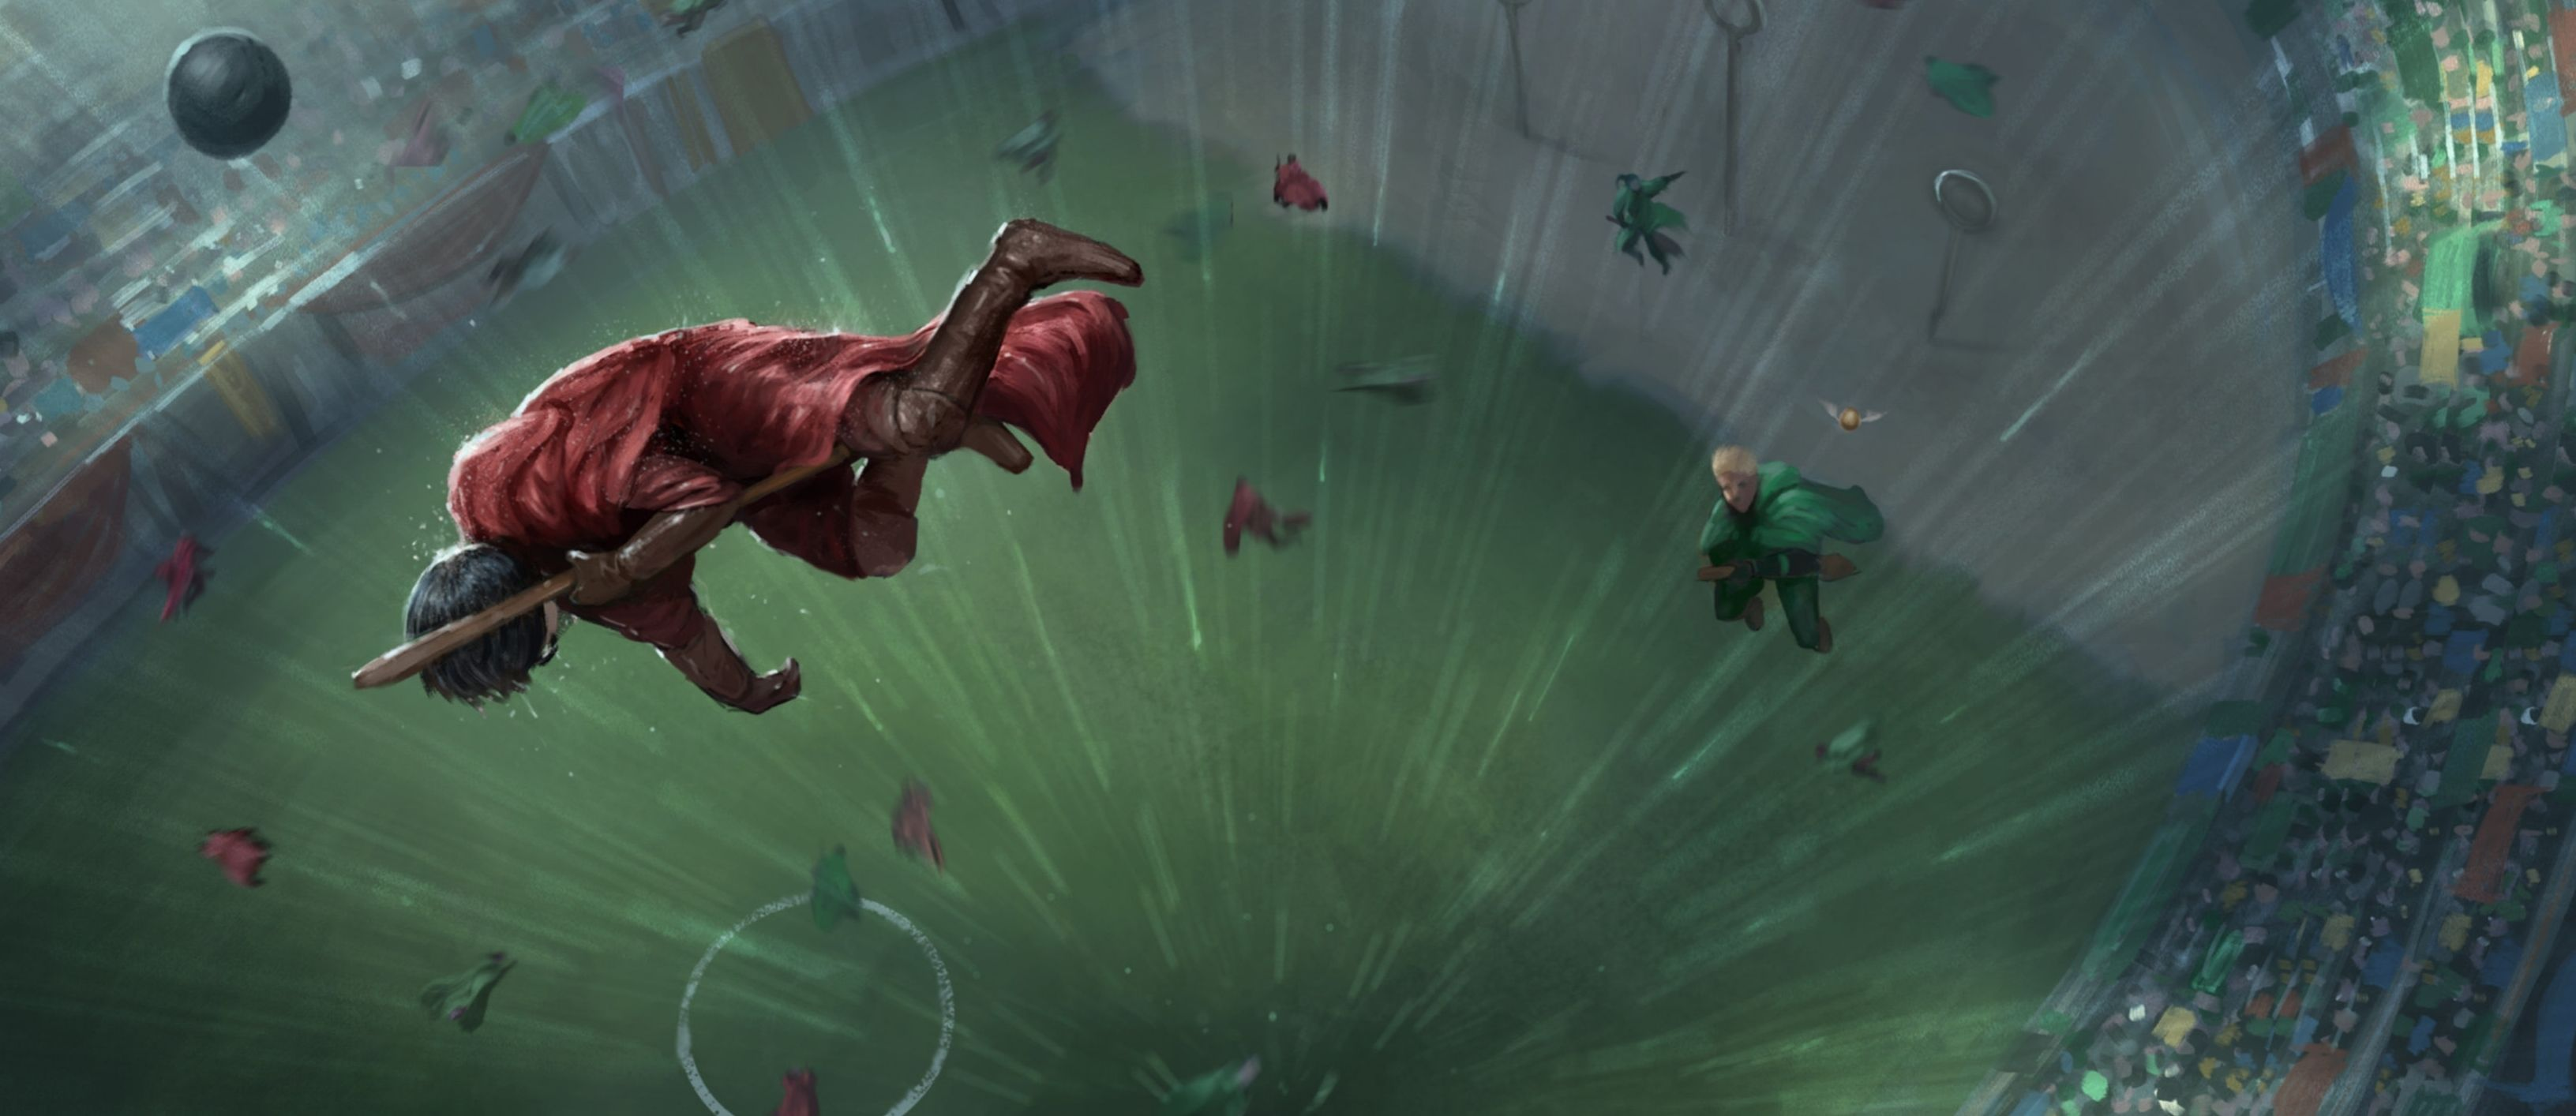 Quidditch bludger